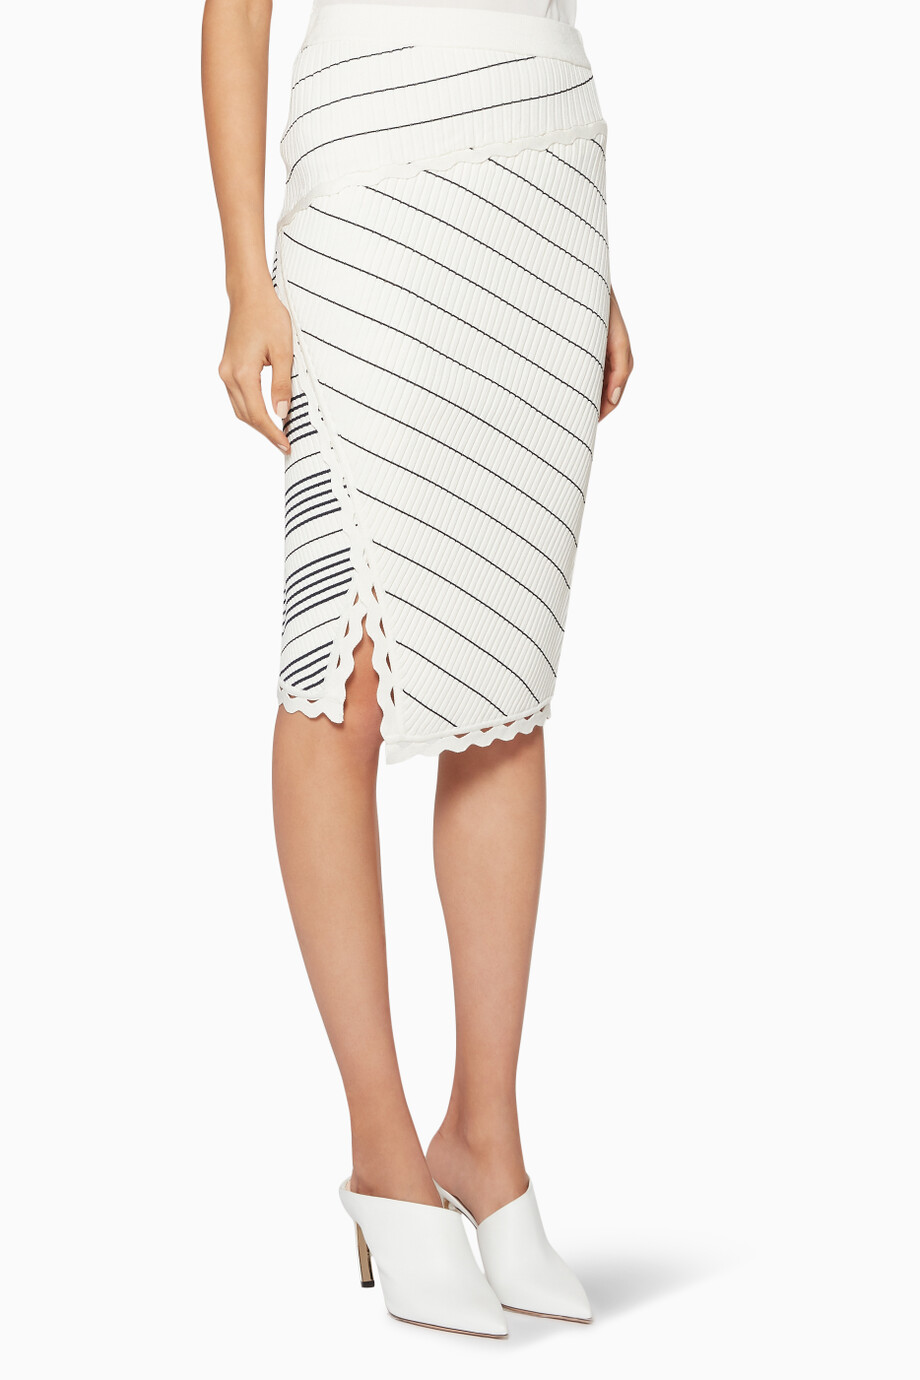 b958627eb3 Shop Jonathan Simkhai White White & Black Zig-Zag Pencil Skirt for ...